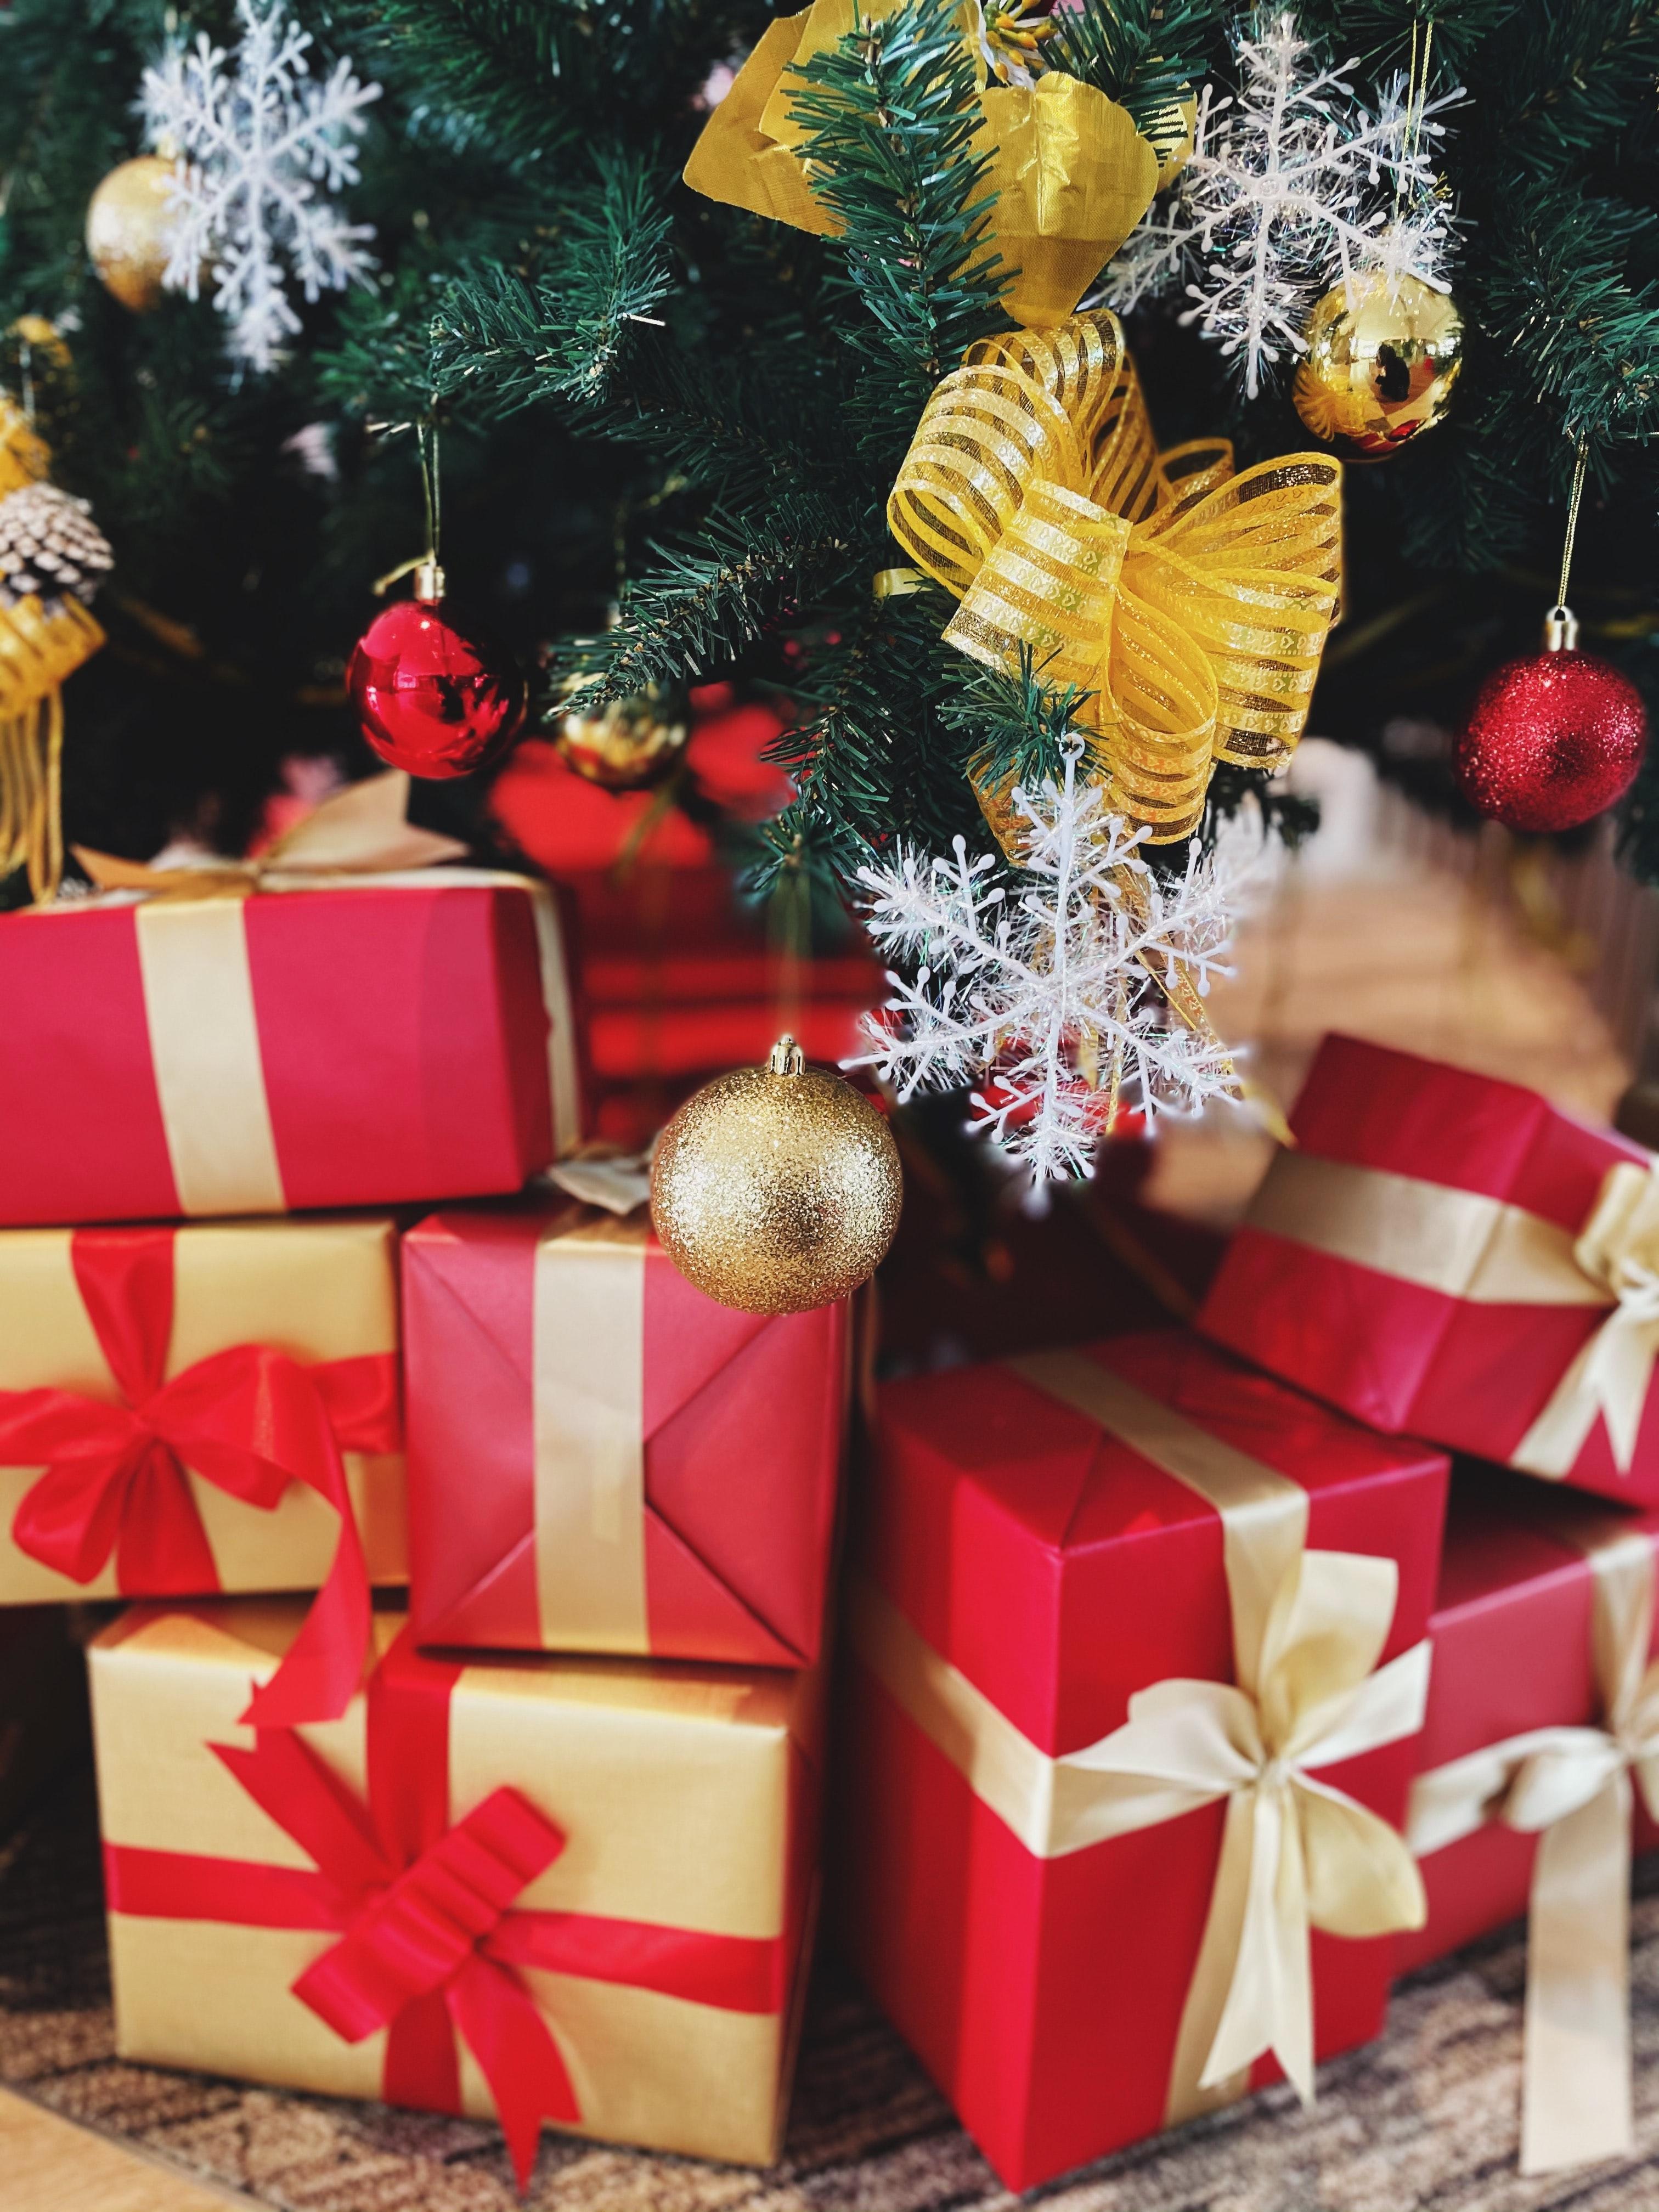 141266 Hintergrundbild herunterladen Weihnachten, Feiertage, Neujahr, Dekoration, Boxen, Neues Jahr, Weihnachtsbaum, Die Geschenke, Geschenke, Kisten - Bildschirmschoner und Bilder kostenlos